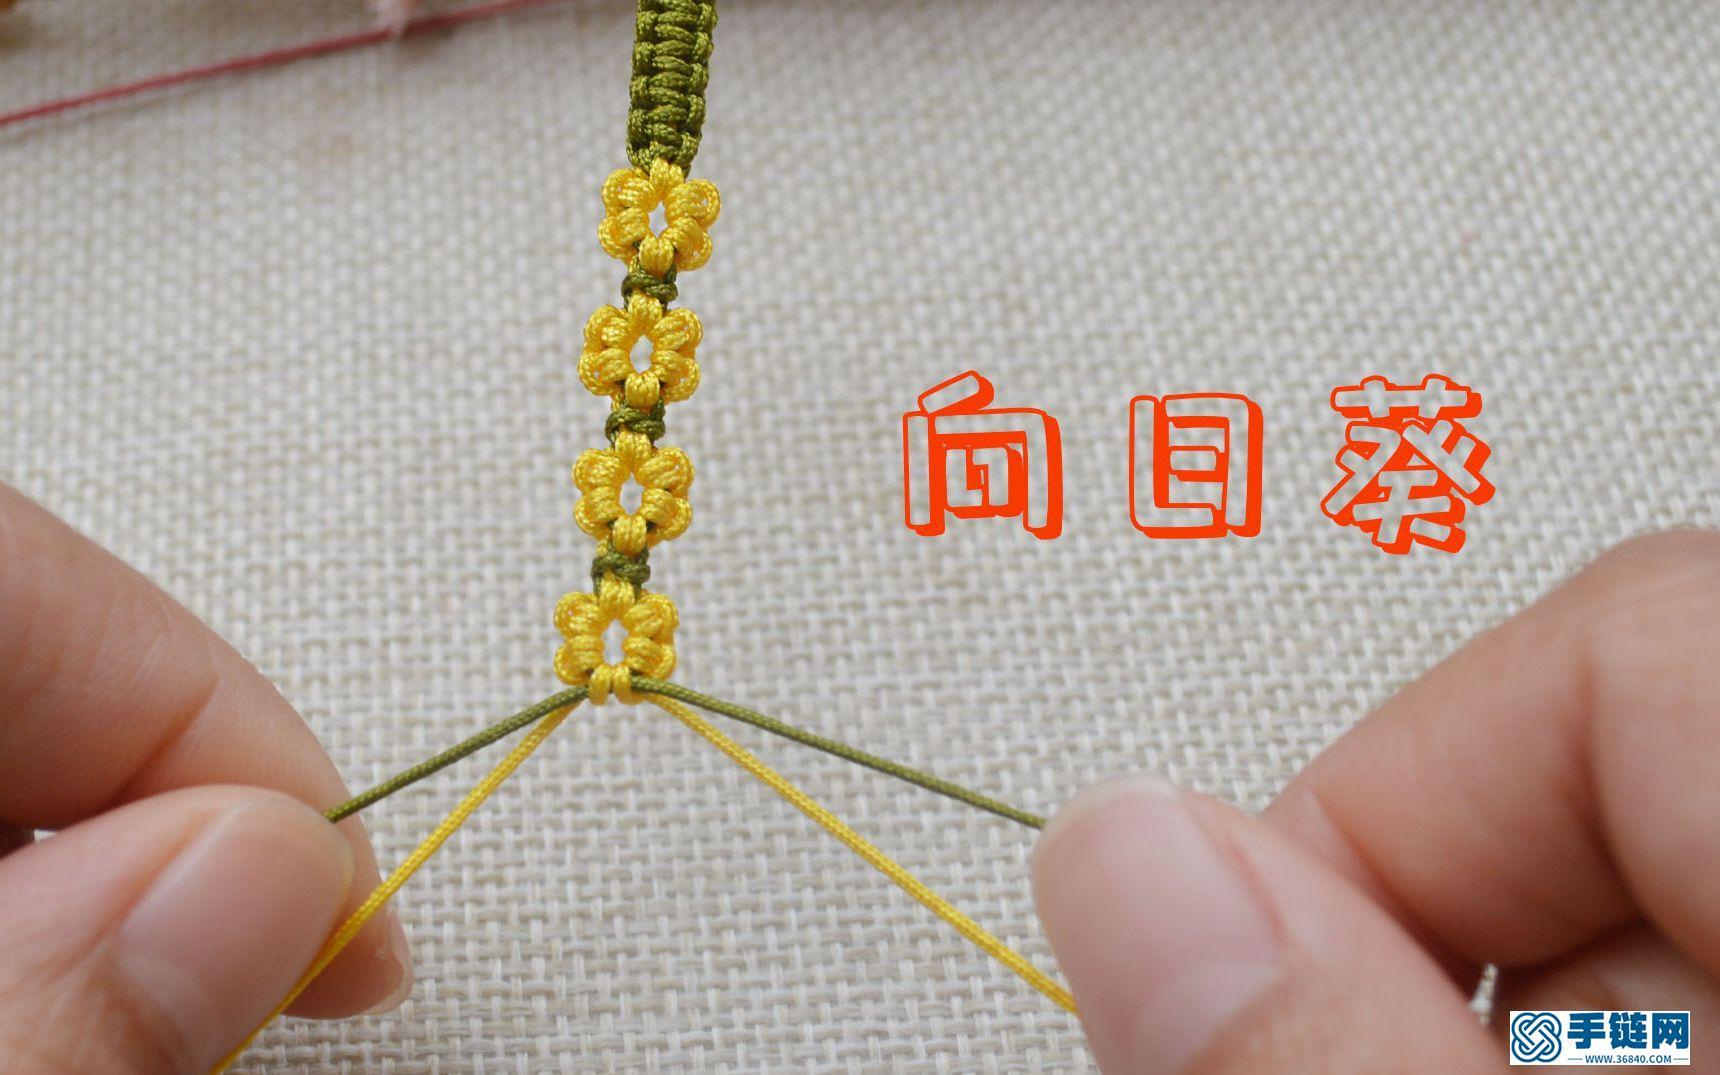 教你用线材编制向日葵,只需要两条线,让家里开满太阳花